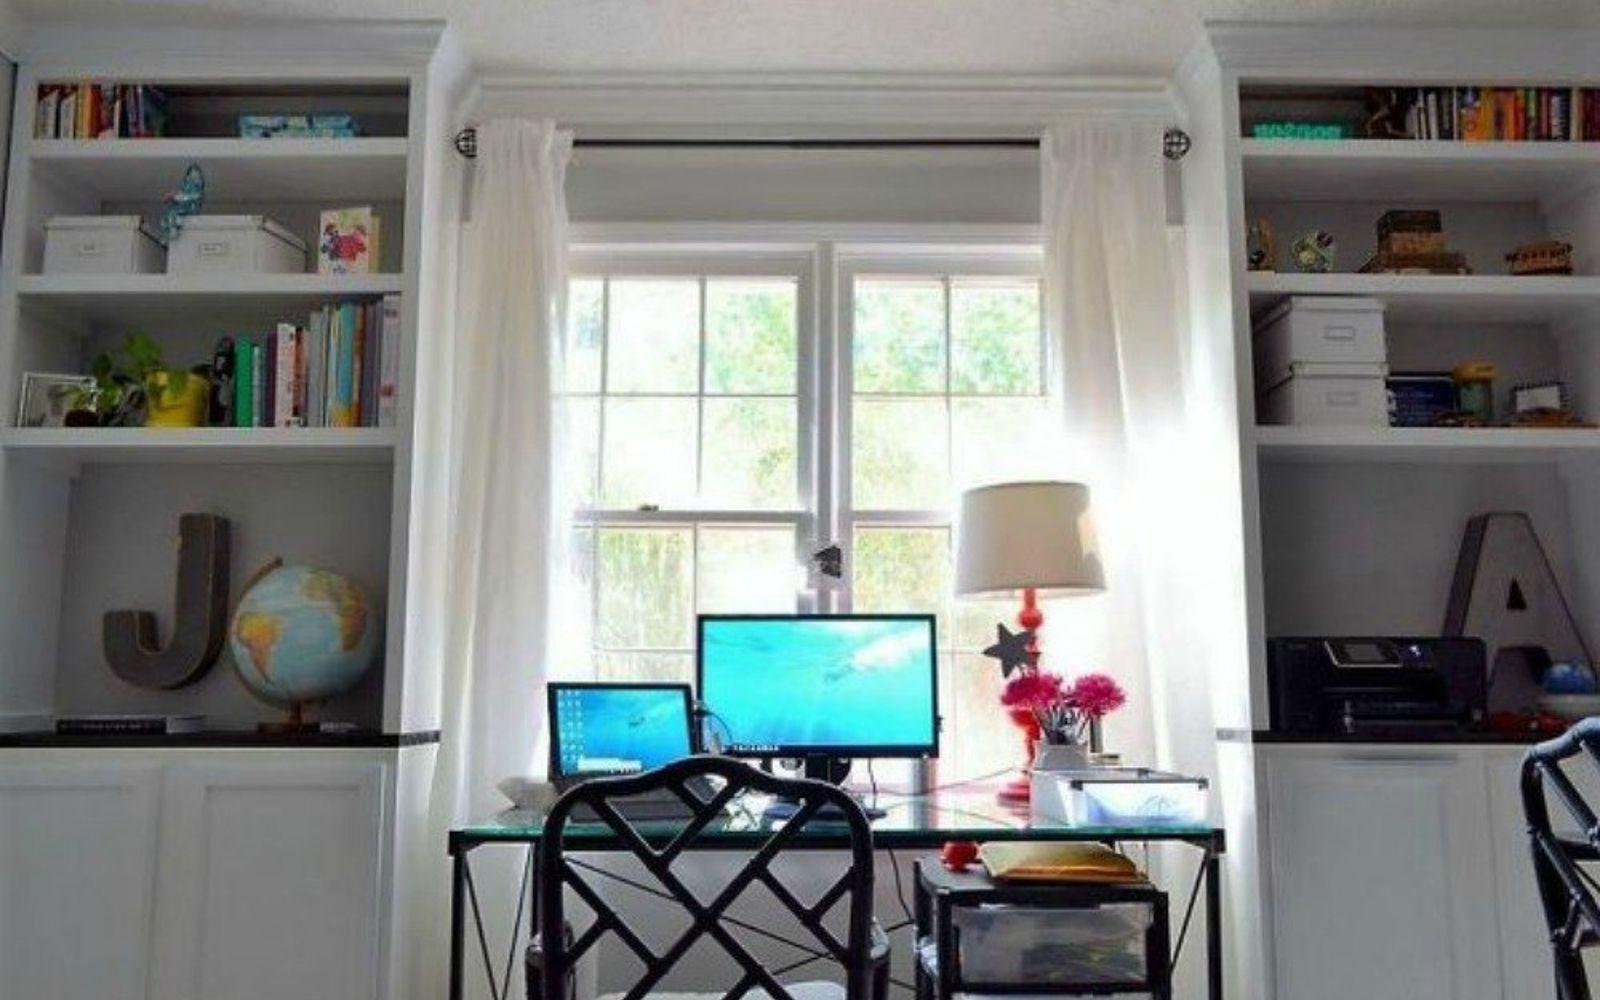 office built in furniture. Office Built In Furniture. S How To Fake Gorgeous Furniture 12 Ideas, I